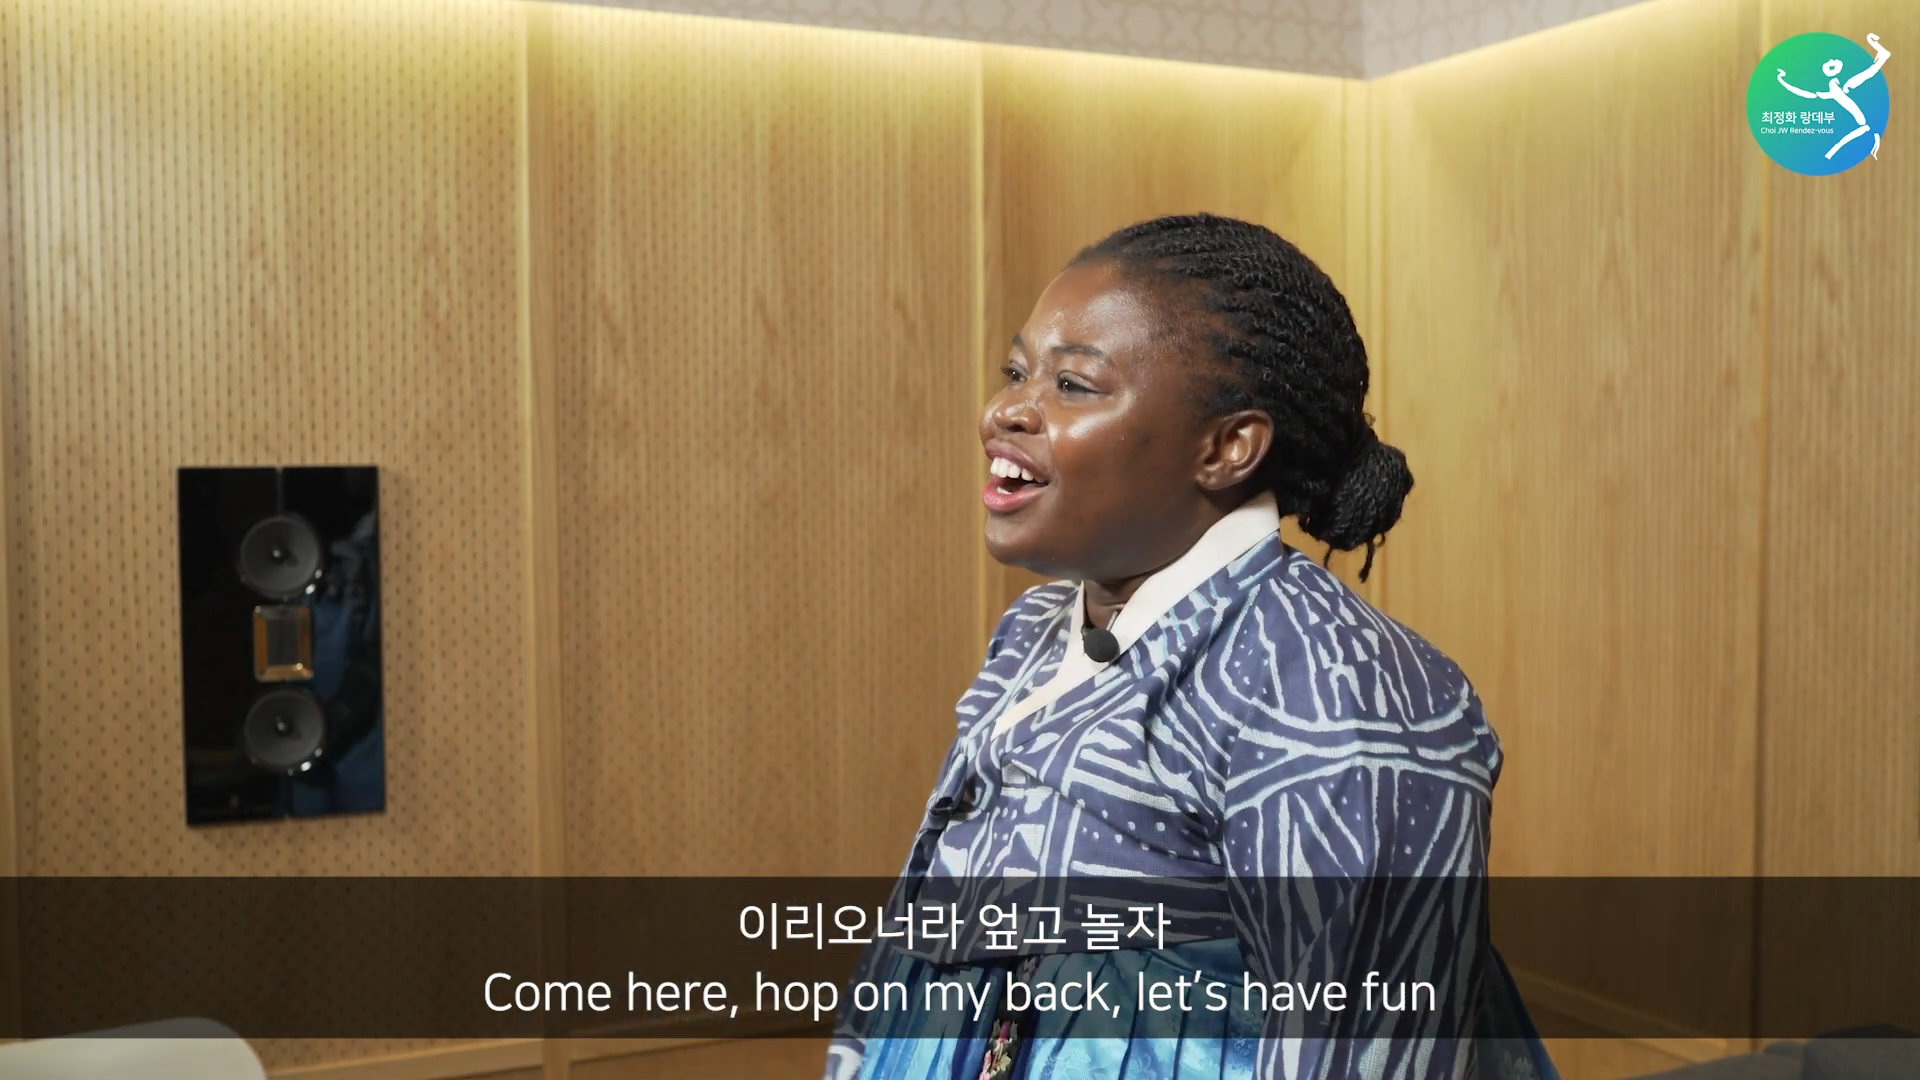 판소리를 한국인보다 더 사랑하는 소리꾼, 마포 로르! French Sorikkun Laure Mafo's love of Korean Folk Song - Pansori! 15-31 screenshot.png